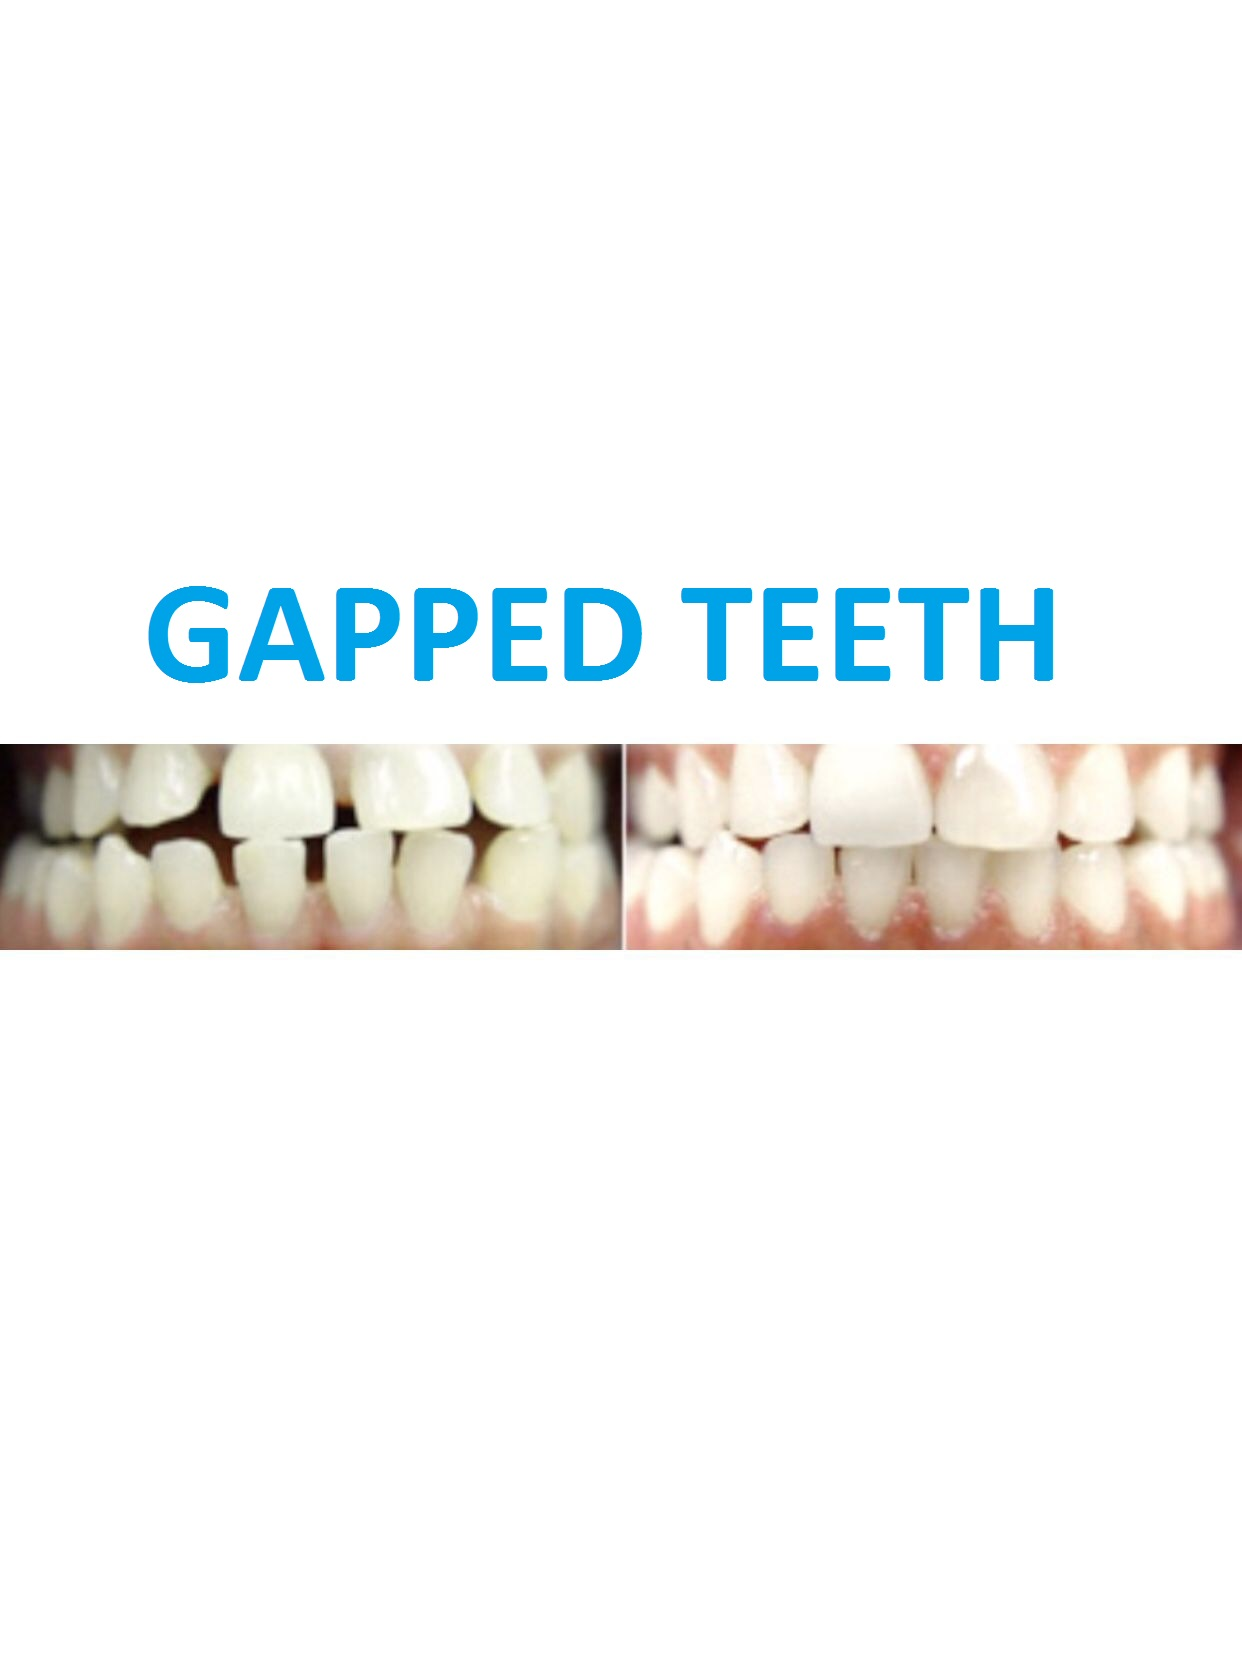 Gapped teeth B&A.jpg